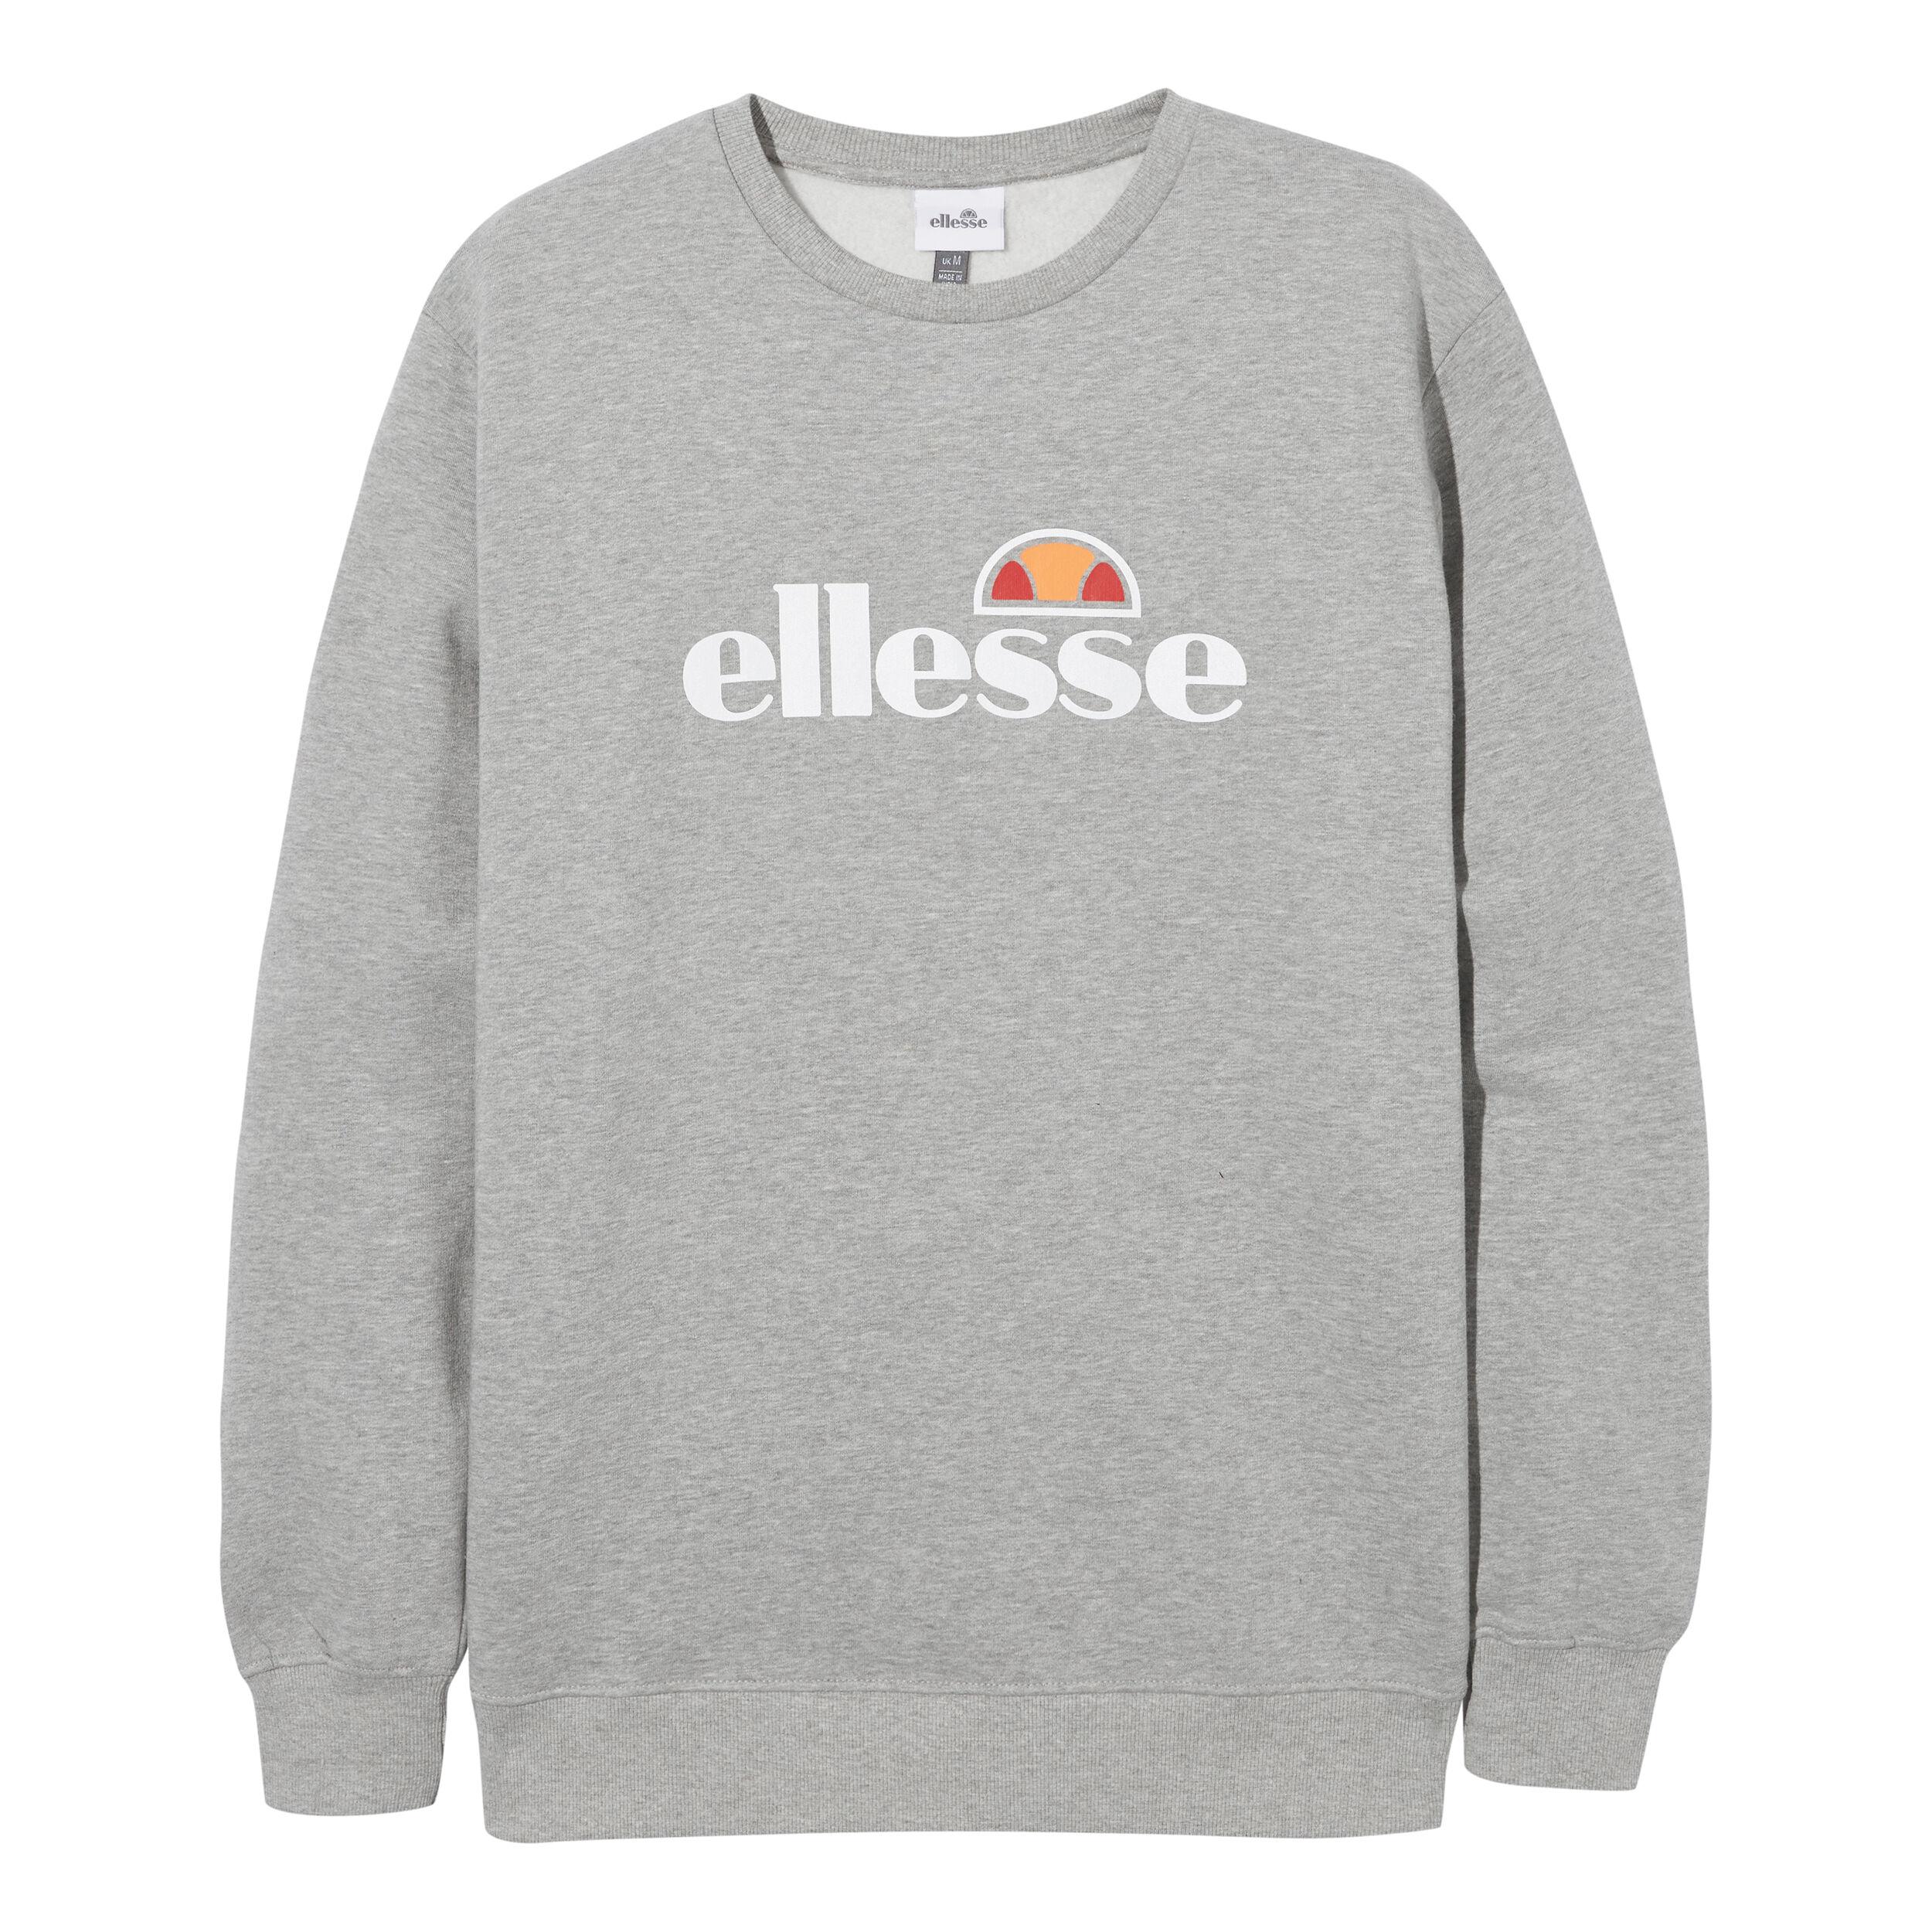 Ellesse Arvello Sweatshirt Damen Weiß, Schwarz online